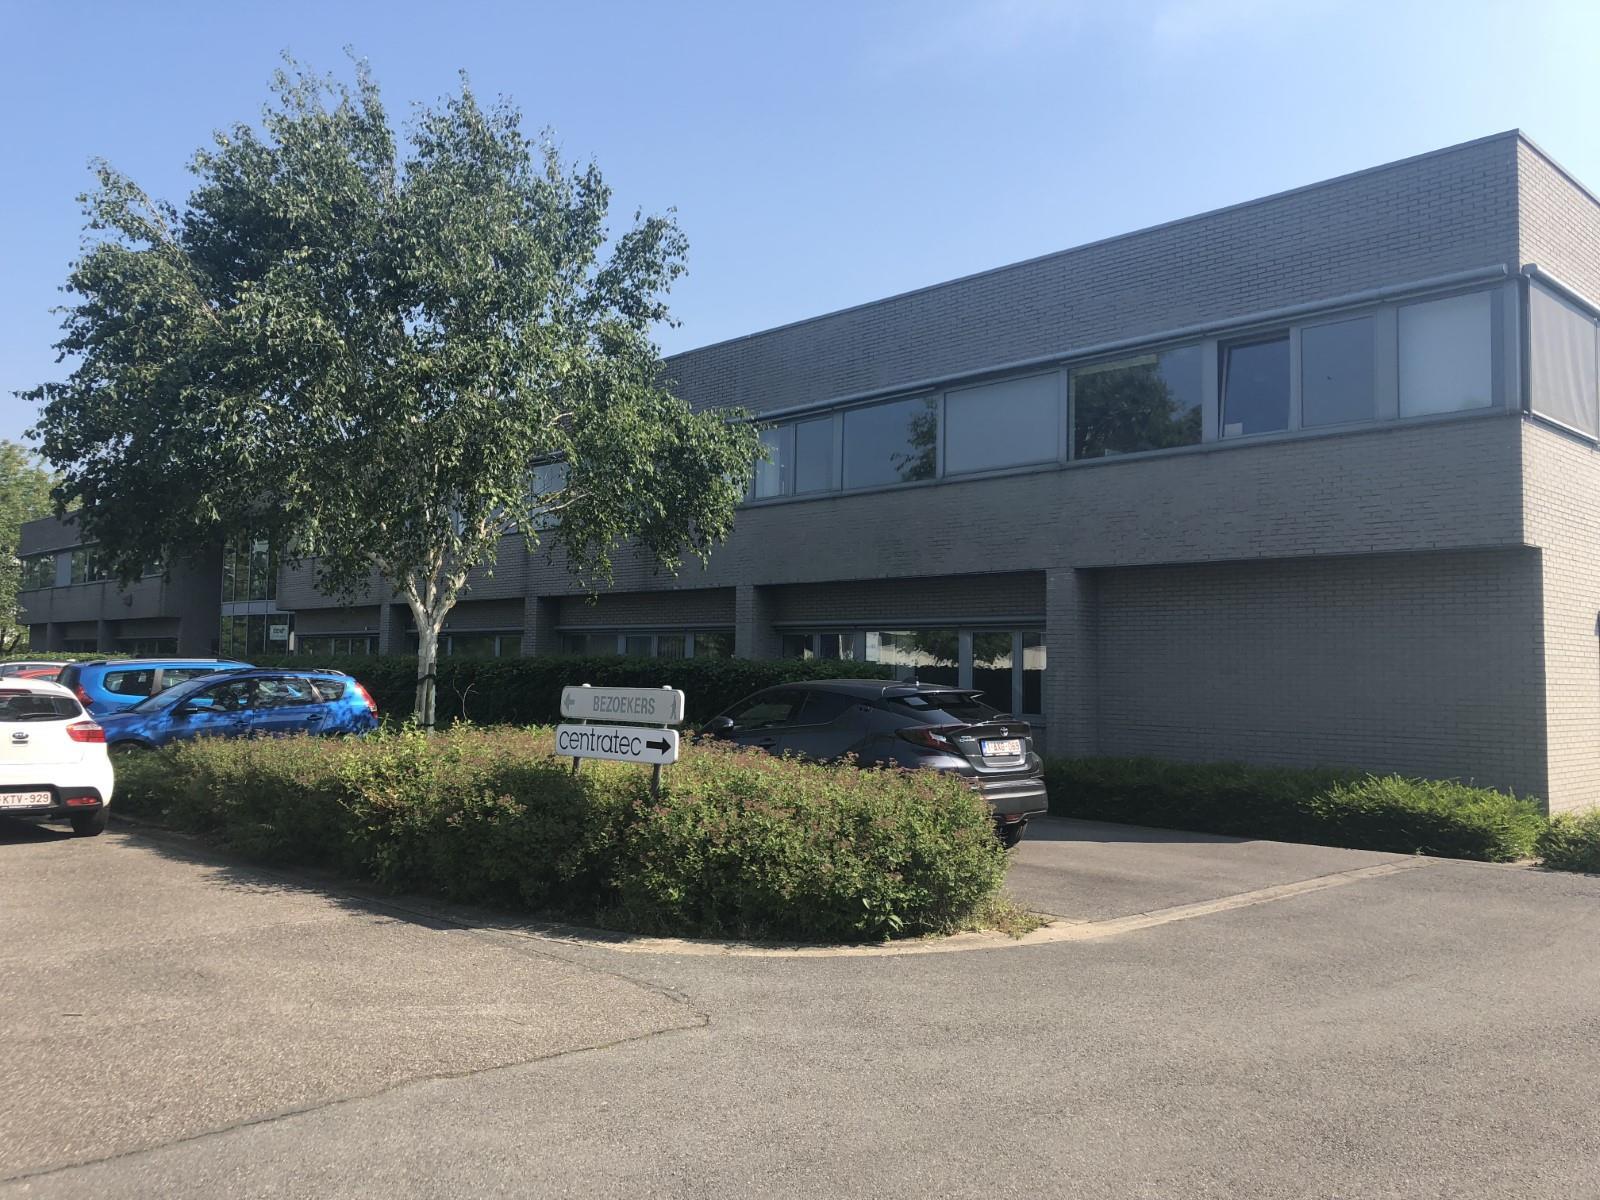 bedrijfsgebouw te koop I067TK - Zandvoortstraat 1, 2800 Mechelen, België 1